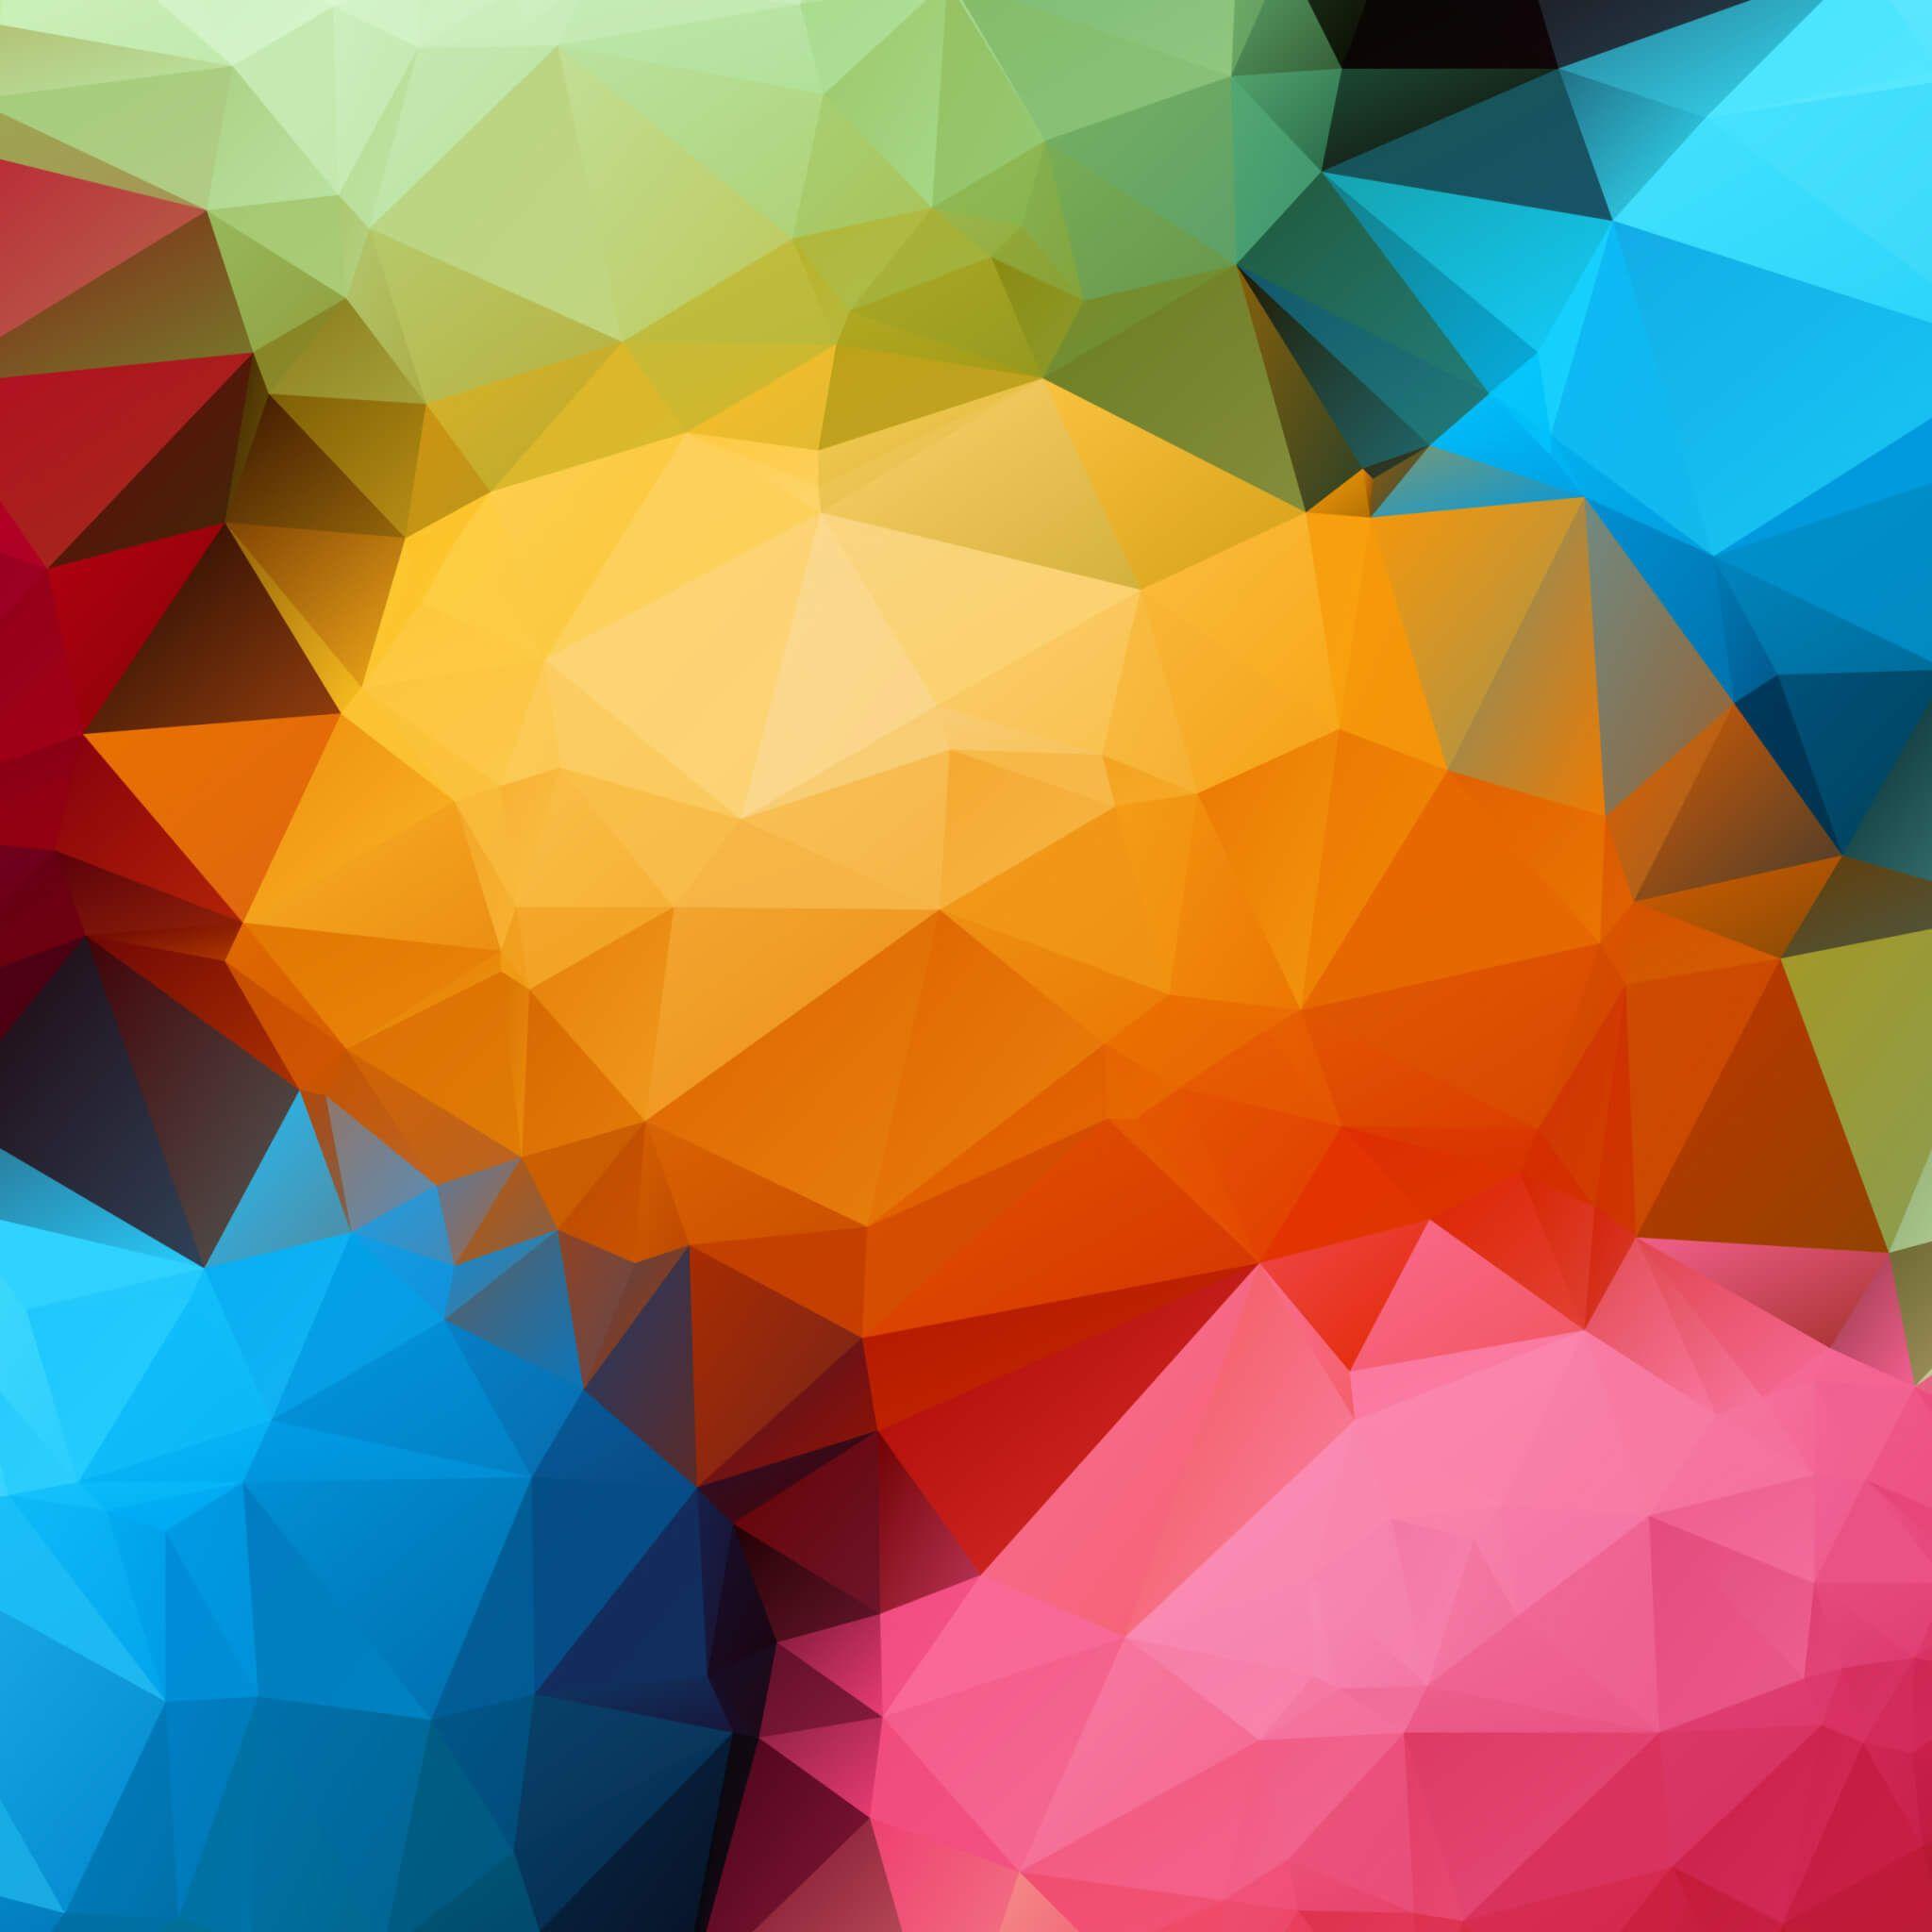 Fond Ecran Ipad 10 Jpg Ipad Et Ipad Mini De Apple Wallpaper